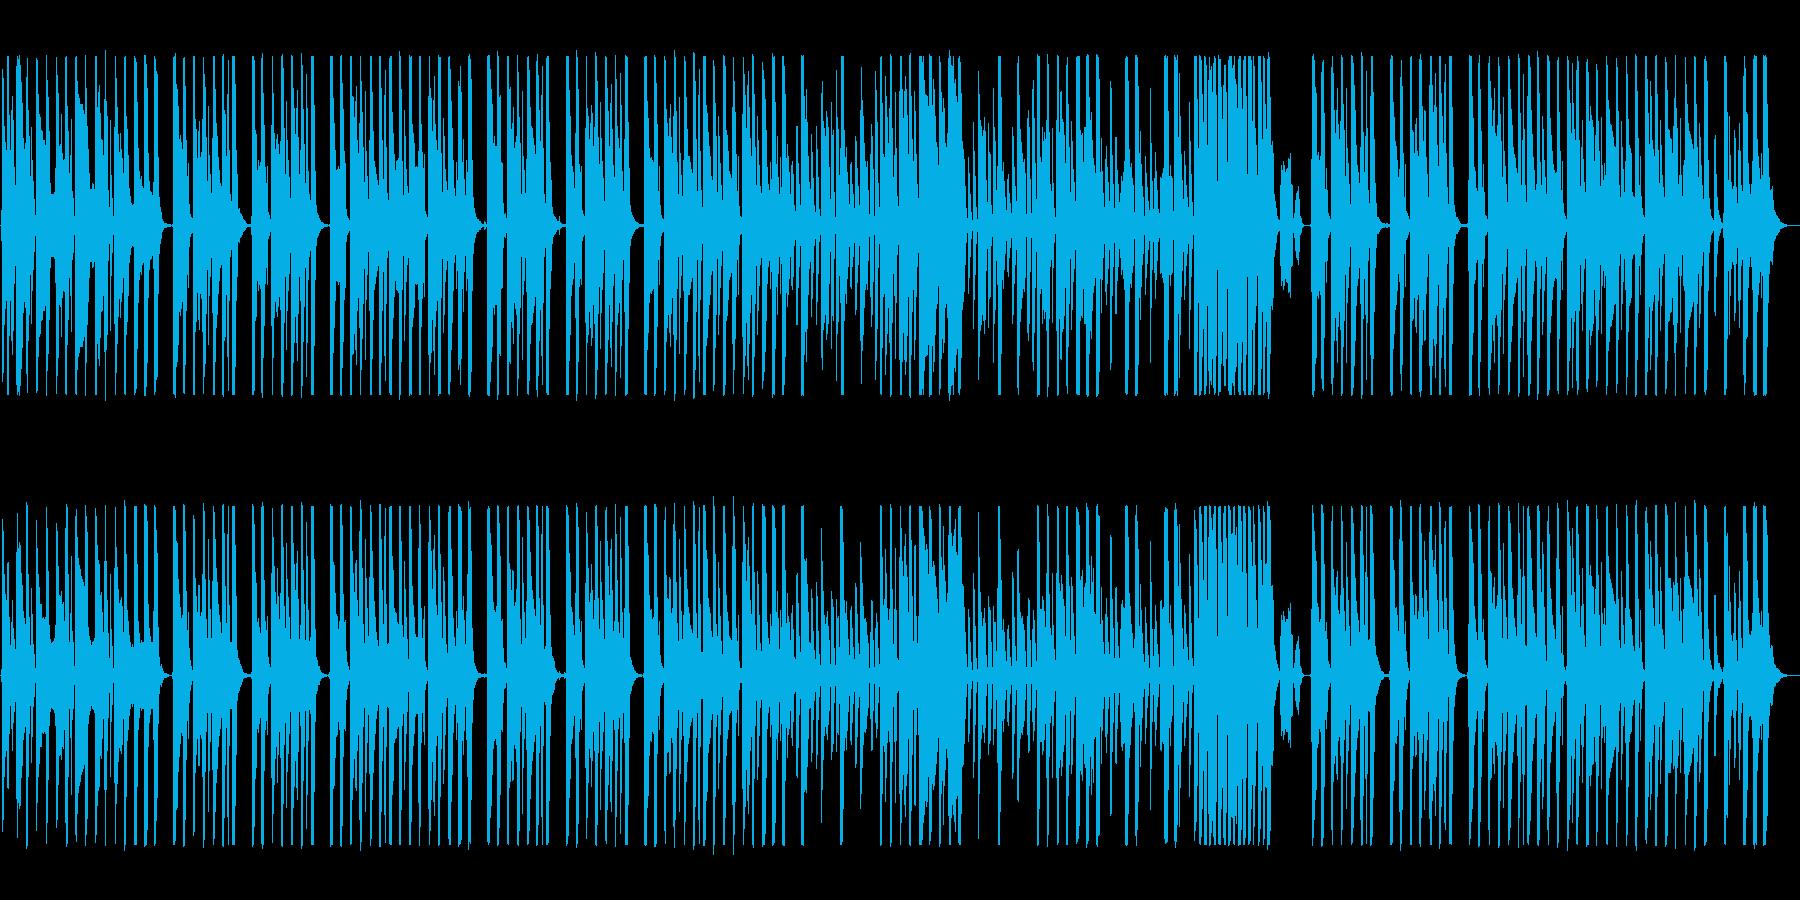 木琴混じりの明るい可愛いポップな曲の再生済みの波形